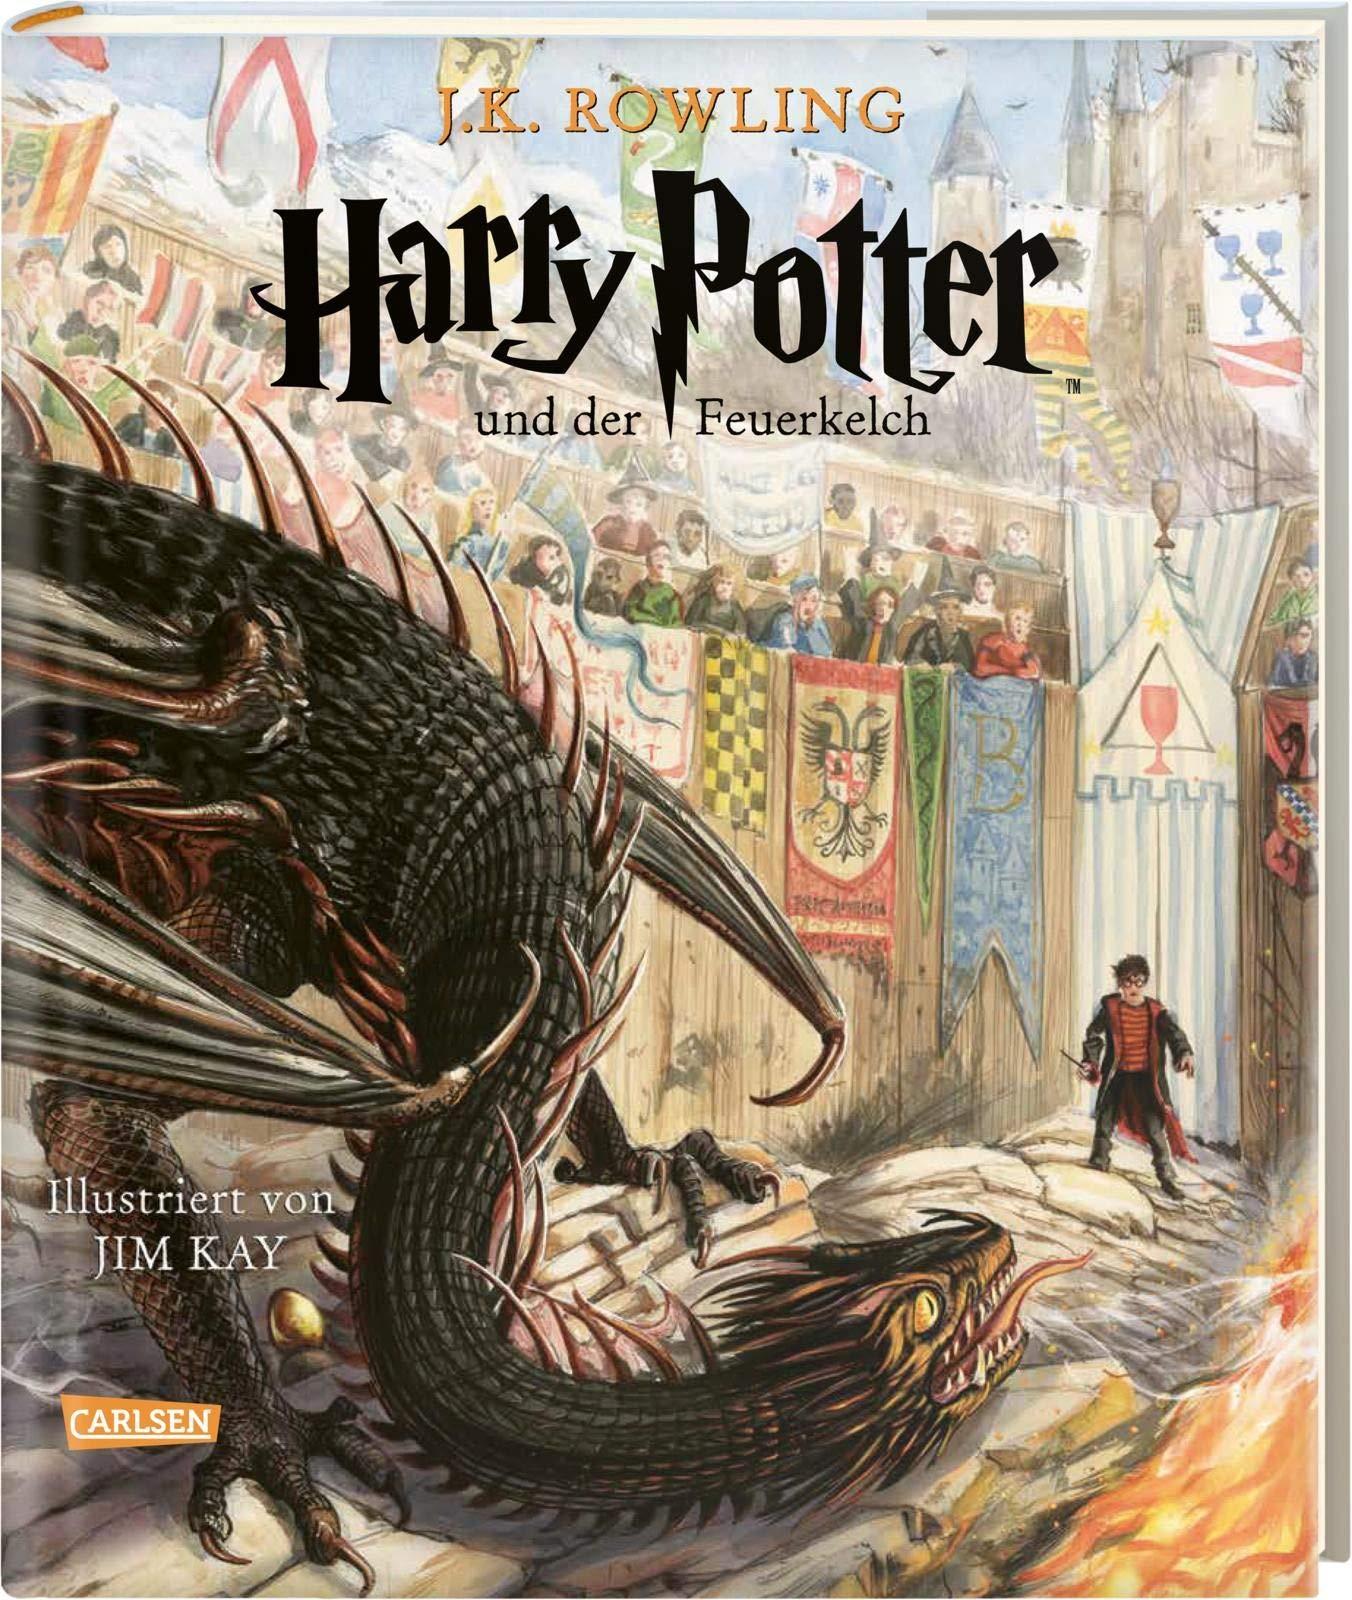 Harry Potter Und Der Feuerkelch Farbig Illustrierte Schmuckausgabe Harry Potter 4 Rowling J K 9783551559043 Amazon Com Books